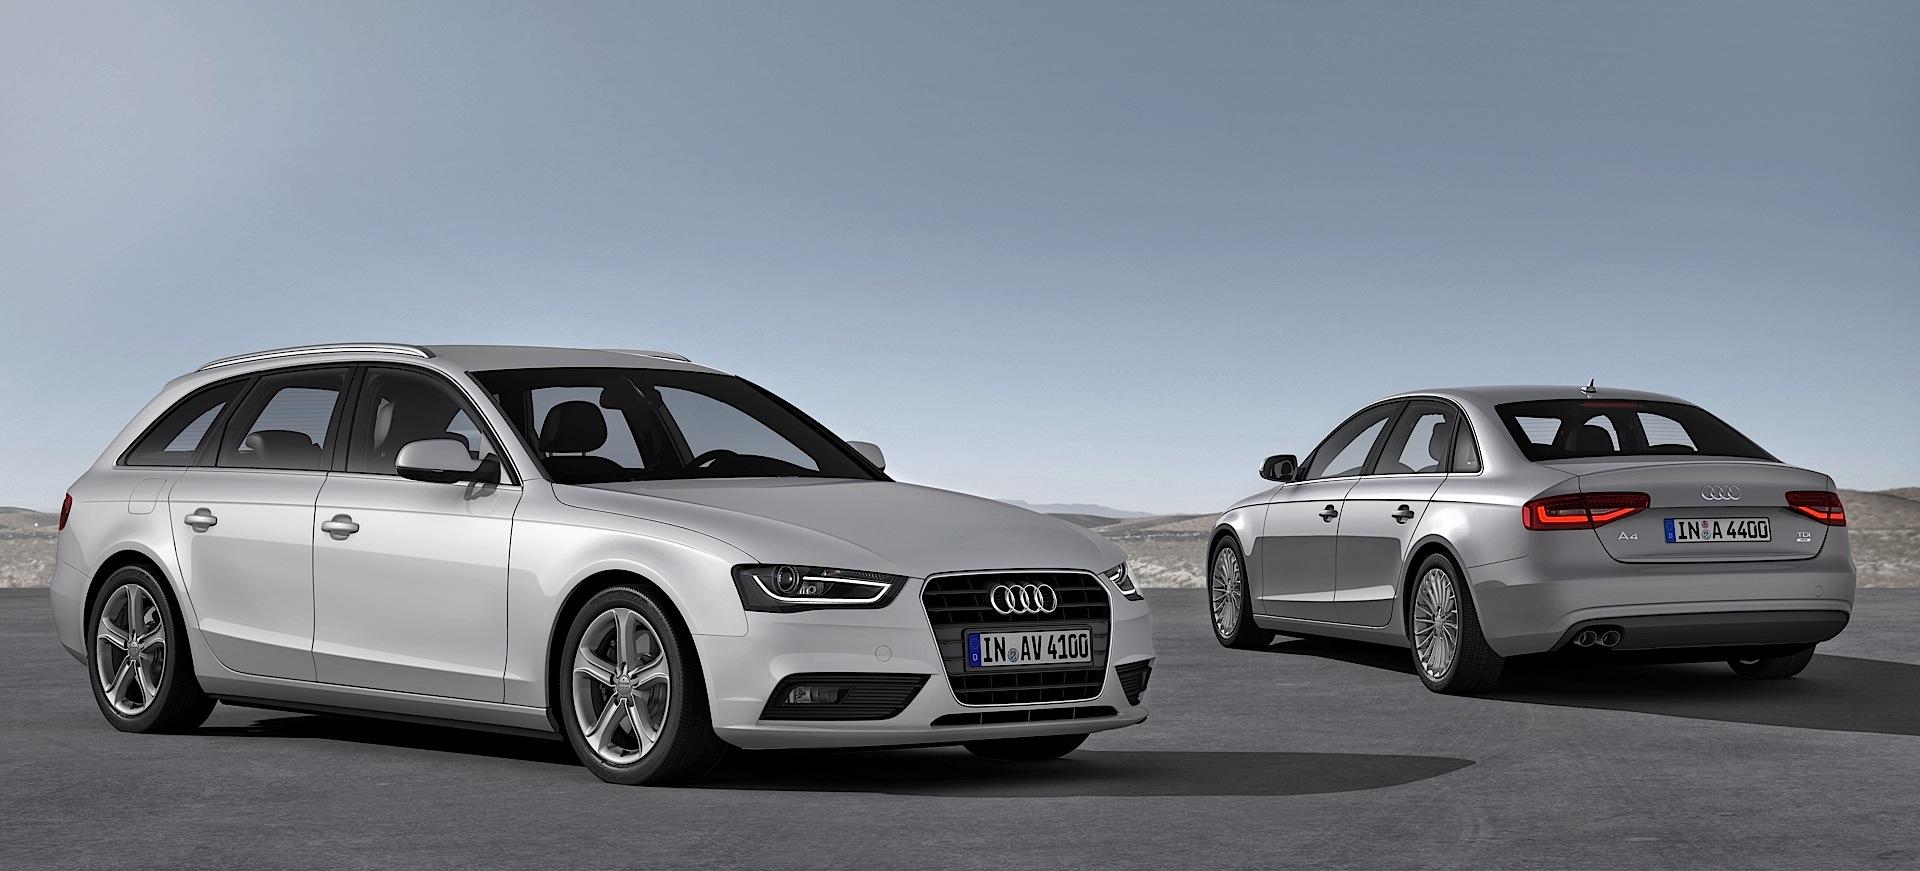 Kekurangan Audi A4 Avant 2014 Harga